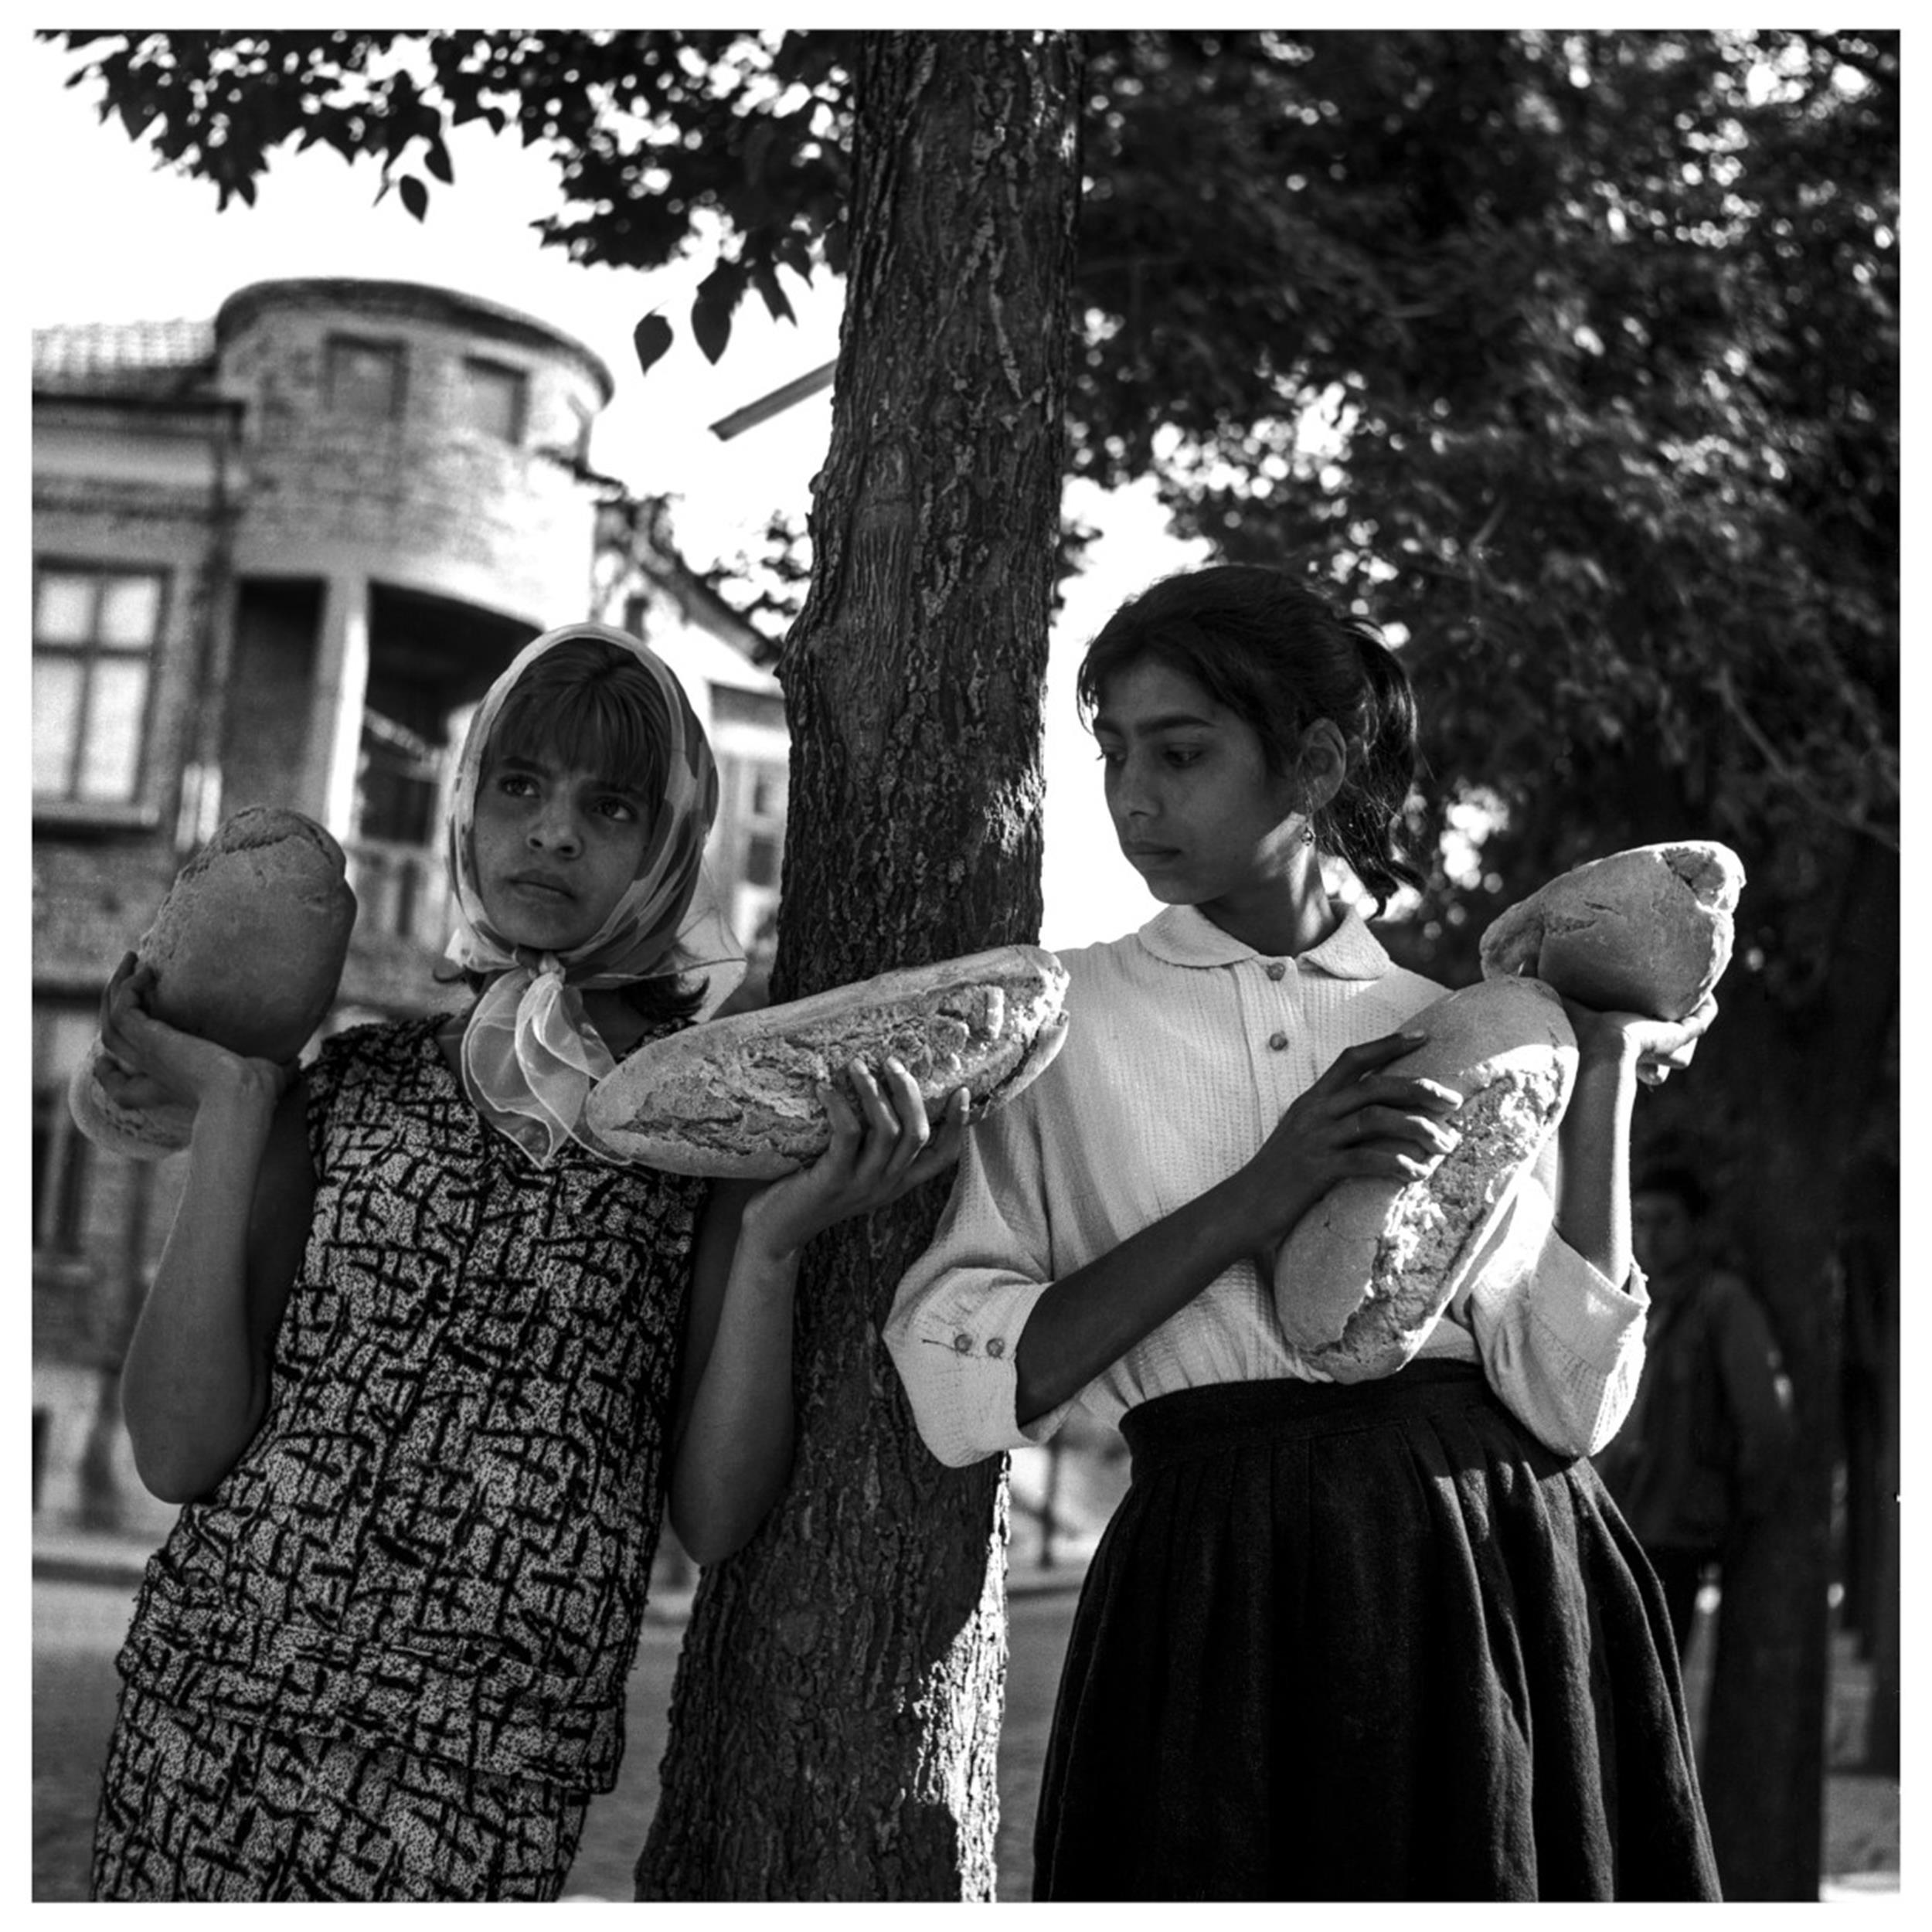 Bułgaria 1965